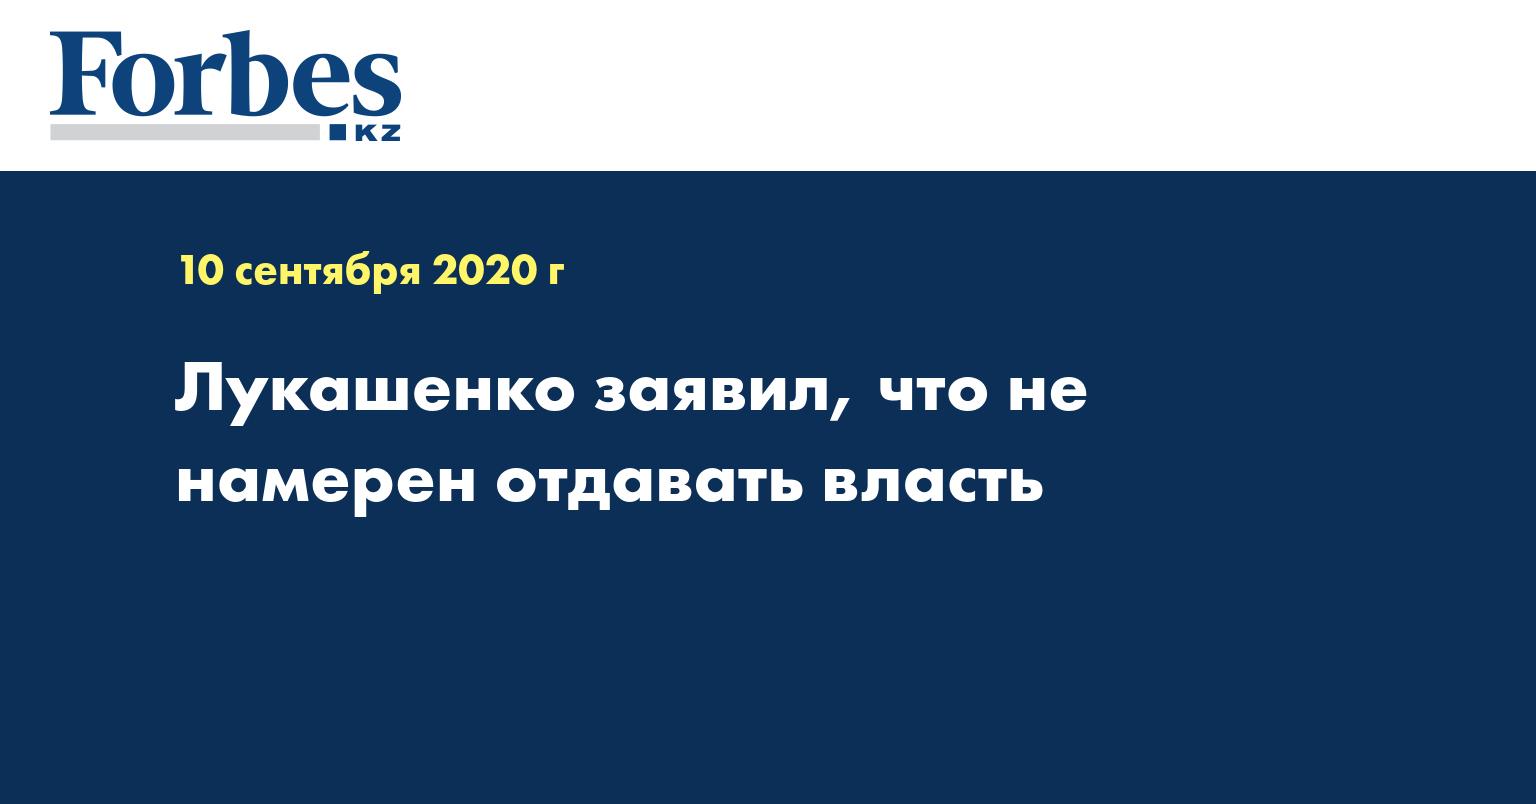 Лукашенко заявил, что не намерен отдавать власть